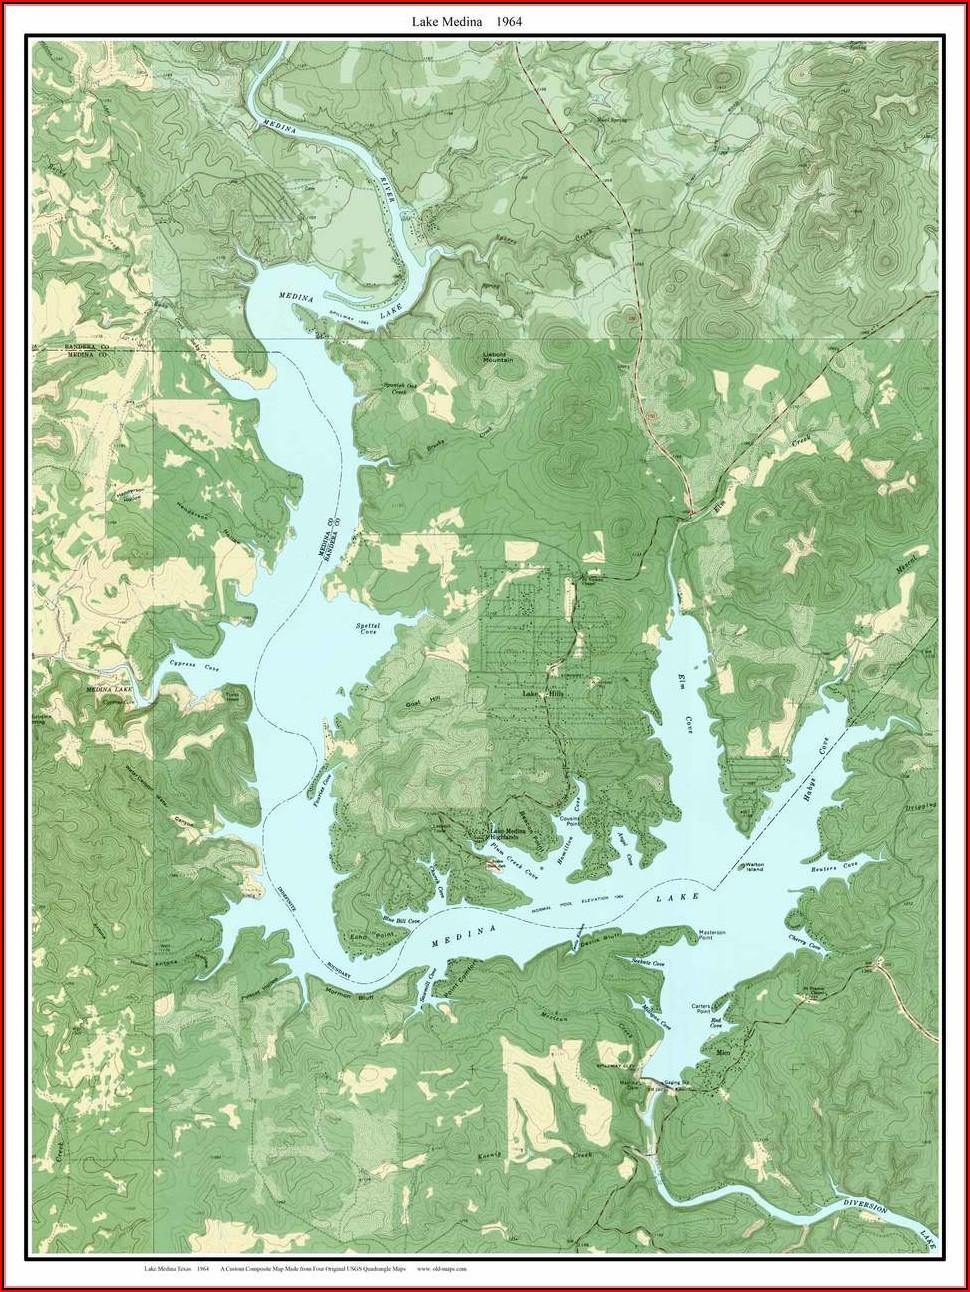 Texas Lake Topo Maps